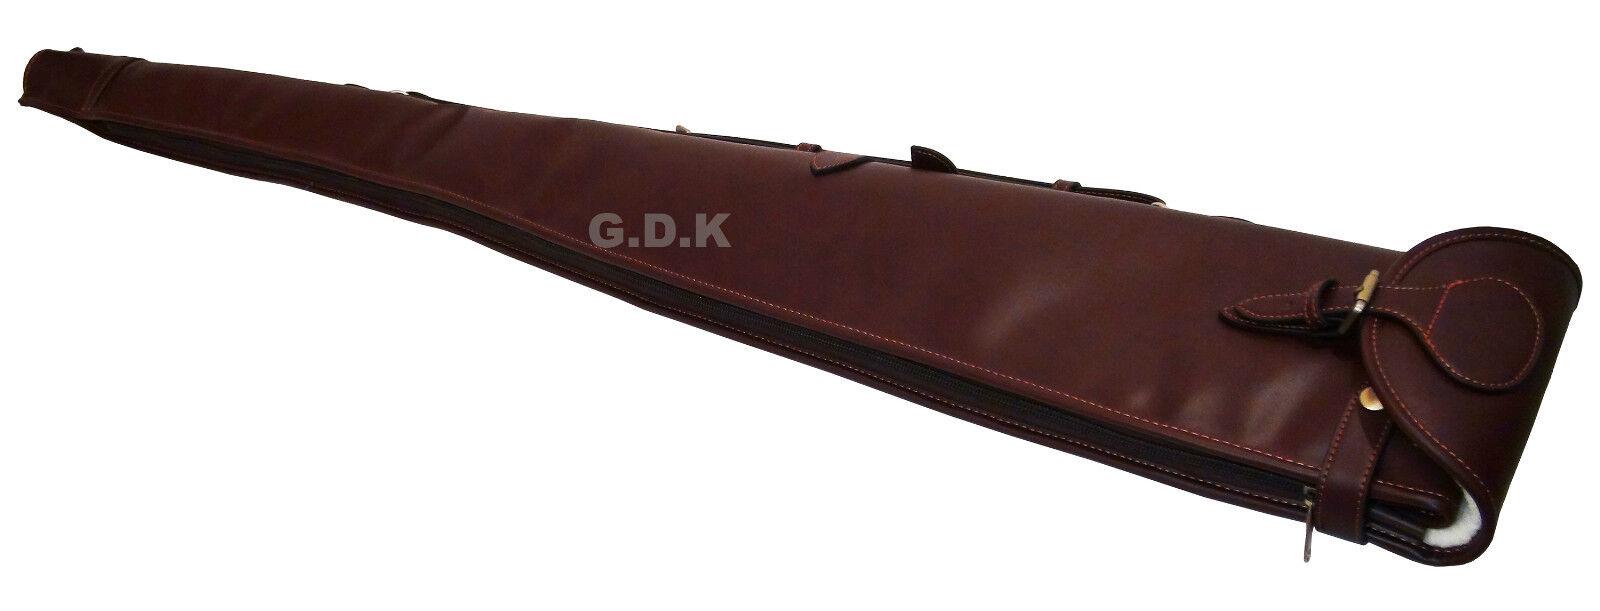 Guardian Cuir Fusil Glissement,Épais Doublure Intérieure,Étui